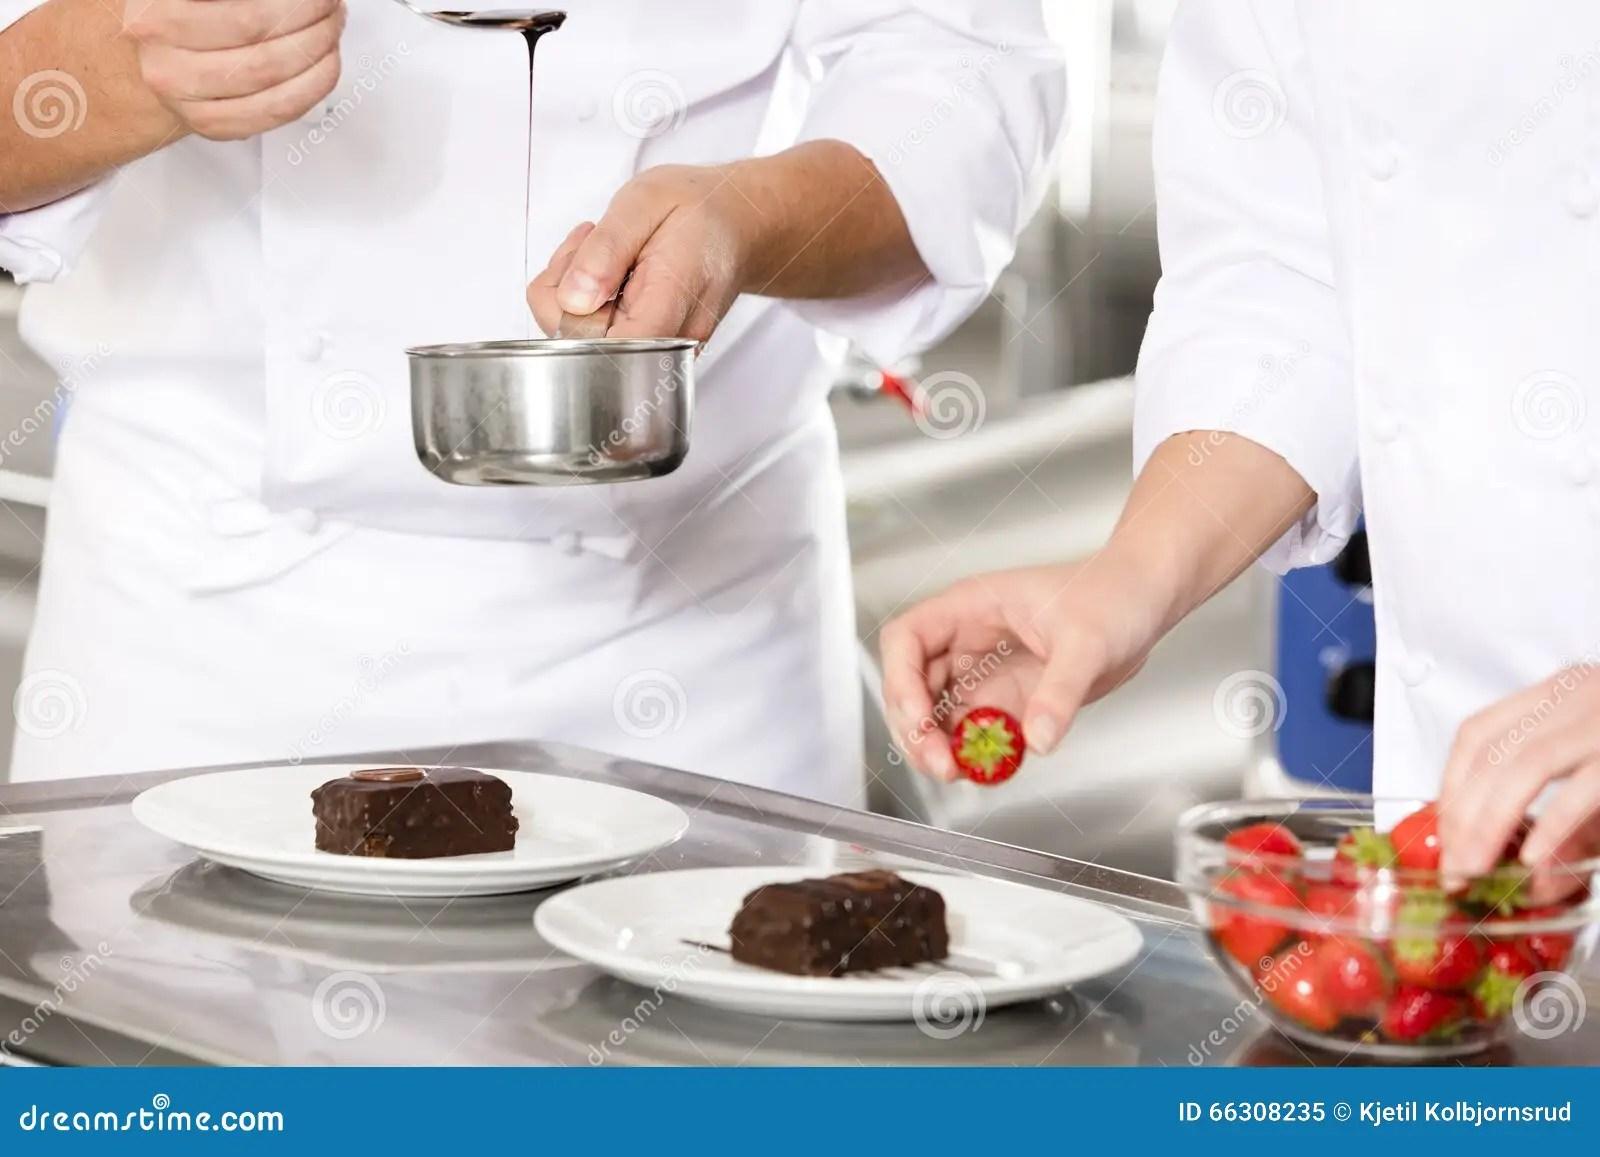 kitchen chef decor swan sinks 厨师在厨房里装饰点心蛋糕用巧克力汁库存图片 图片包括有食物 厨师 厨师在厨房里装饰点心蛋糕用巧克力汁